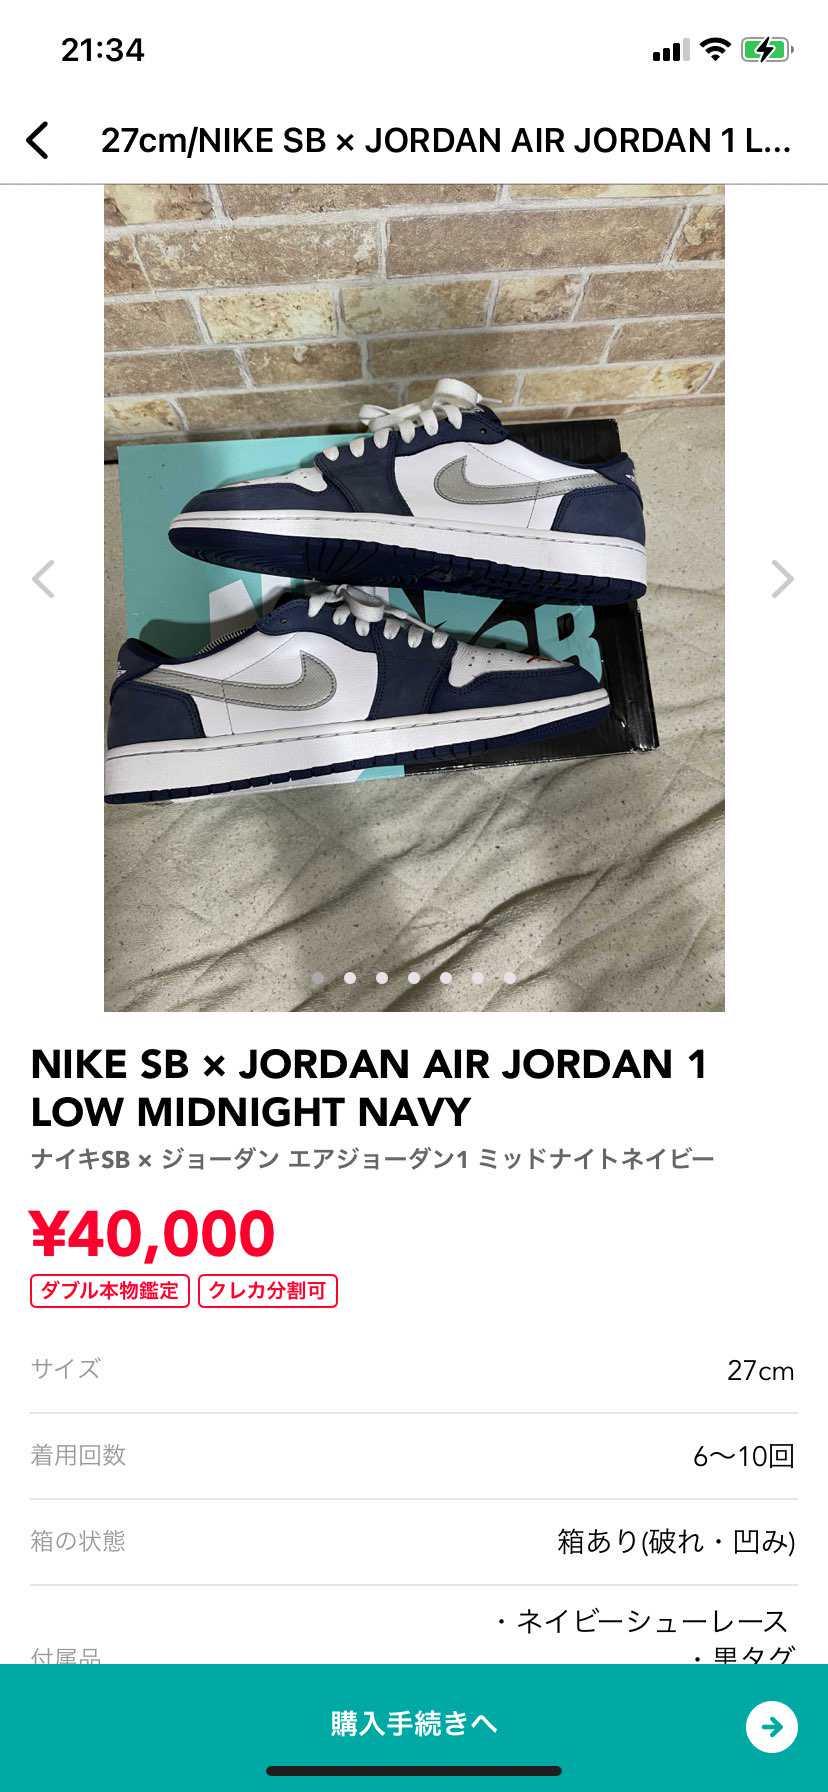 出品者様宛にコメント失礼します。 30000円でお譲りいただけないでしょうか。